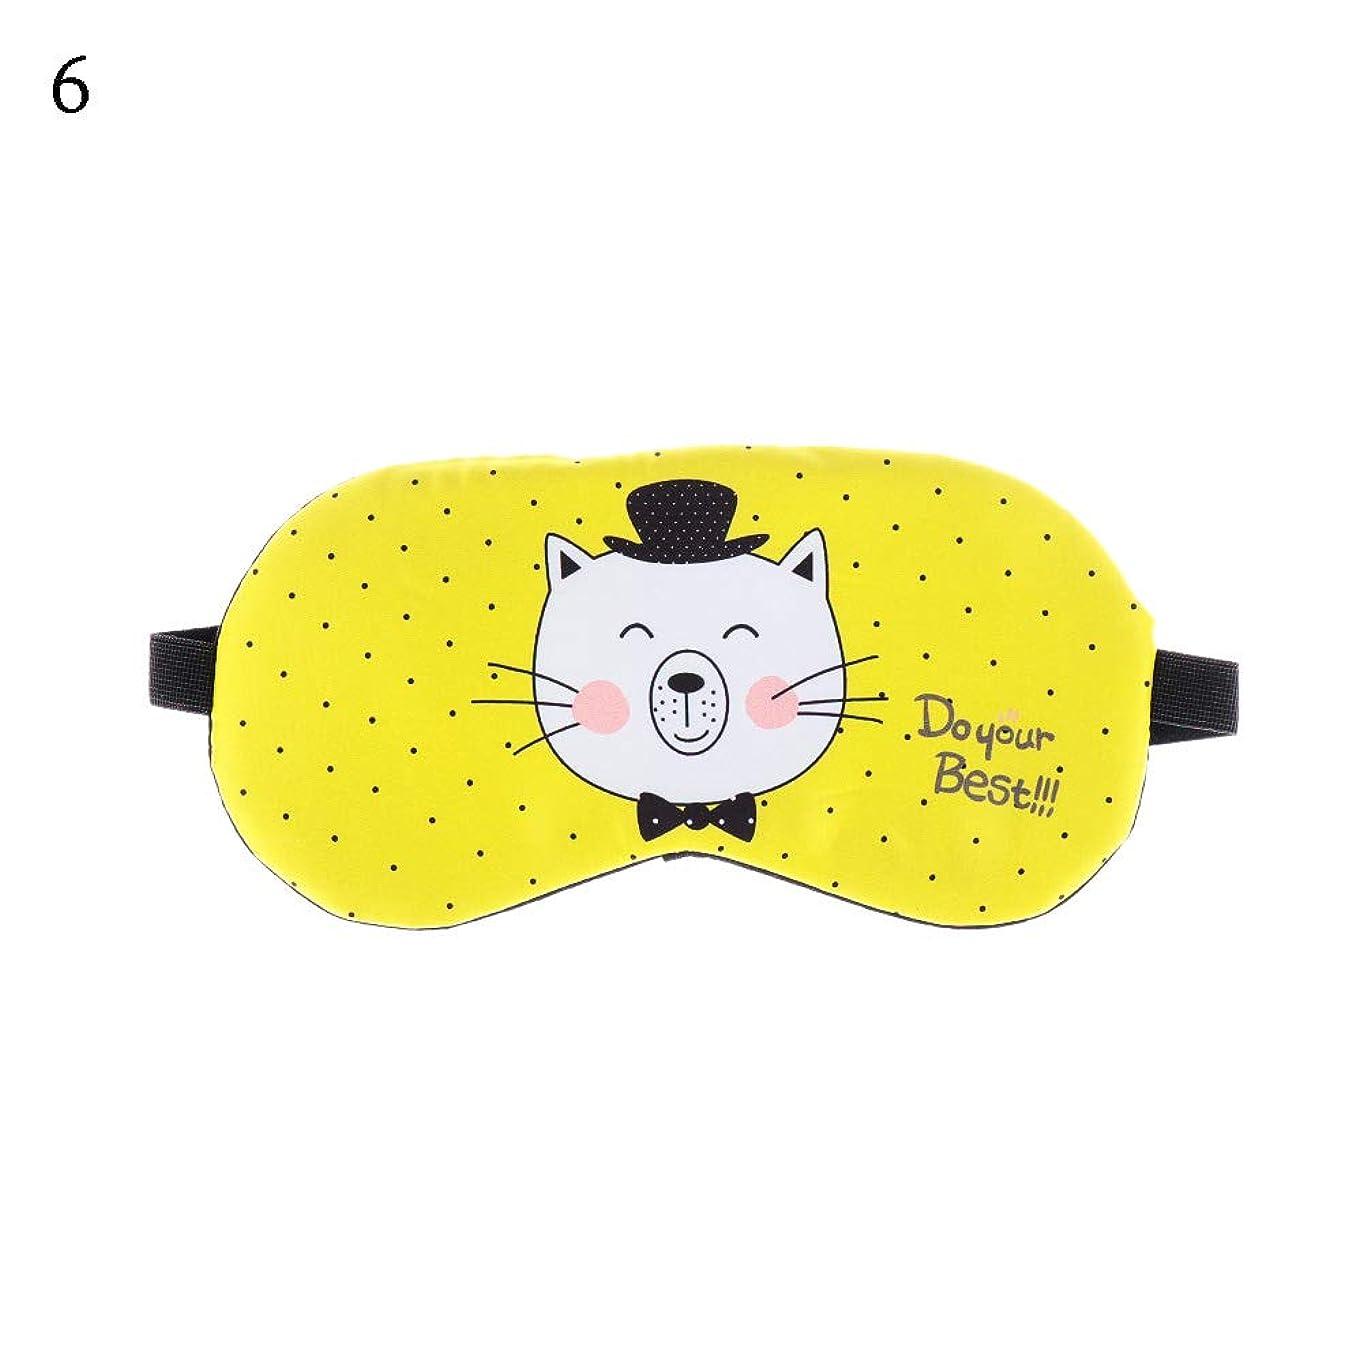 不完全薄める玉NOTE 睡眠マスクアイパッチアイカバー綿クリエイティブ素敵な漫画のためのアイトラベルリラックス睡眠補助アイパッチシェーディングアイマスク